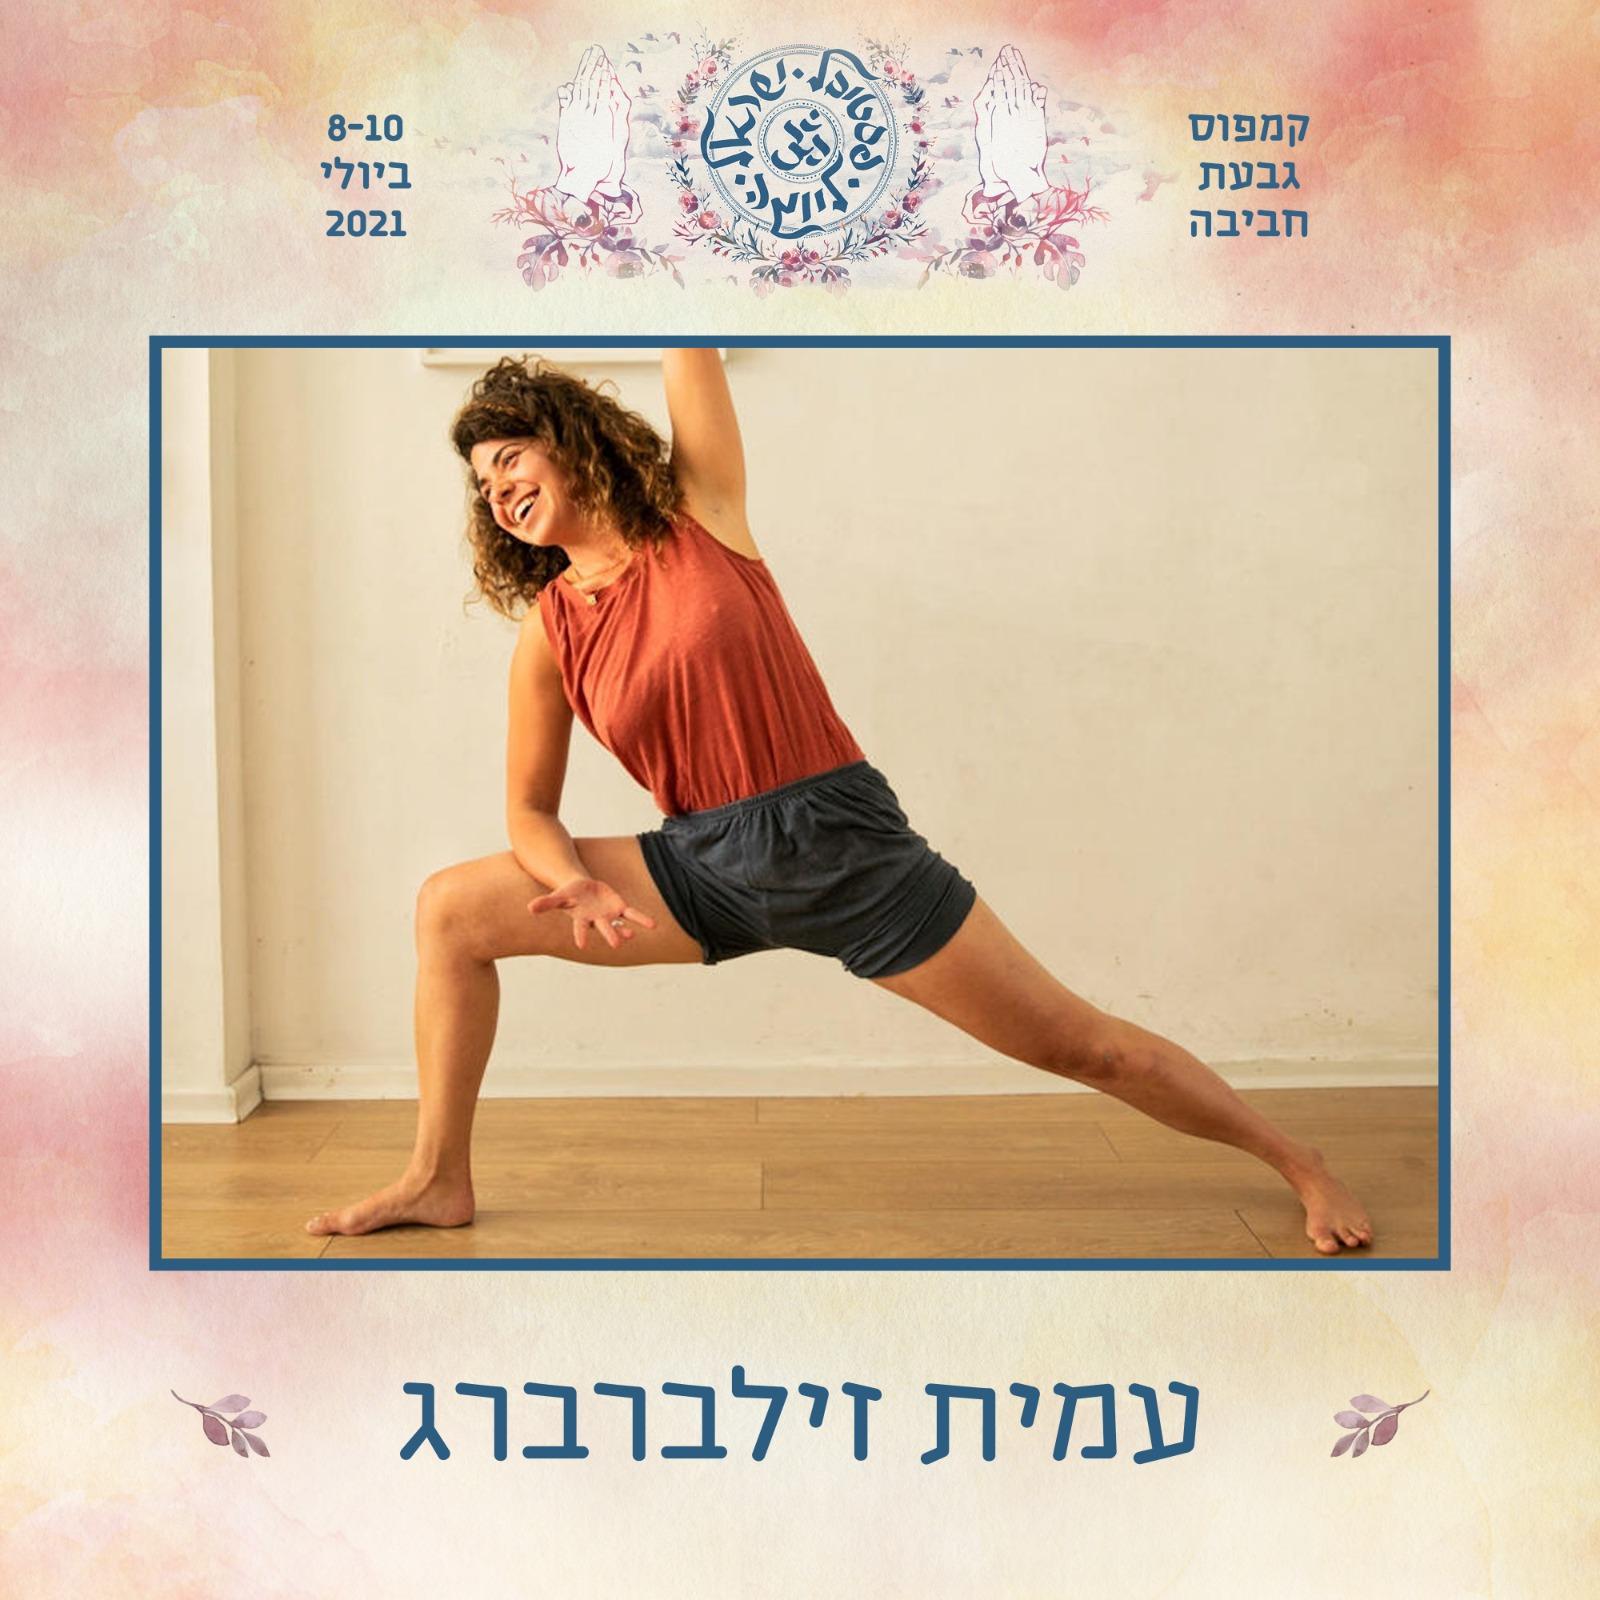 פסטיבל ישראל ליוגה - עמית זילברברג